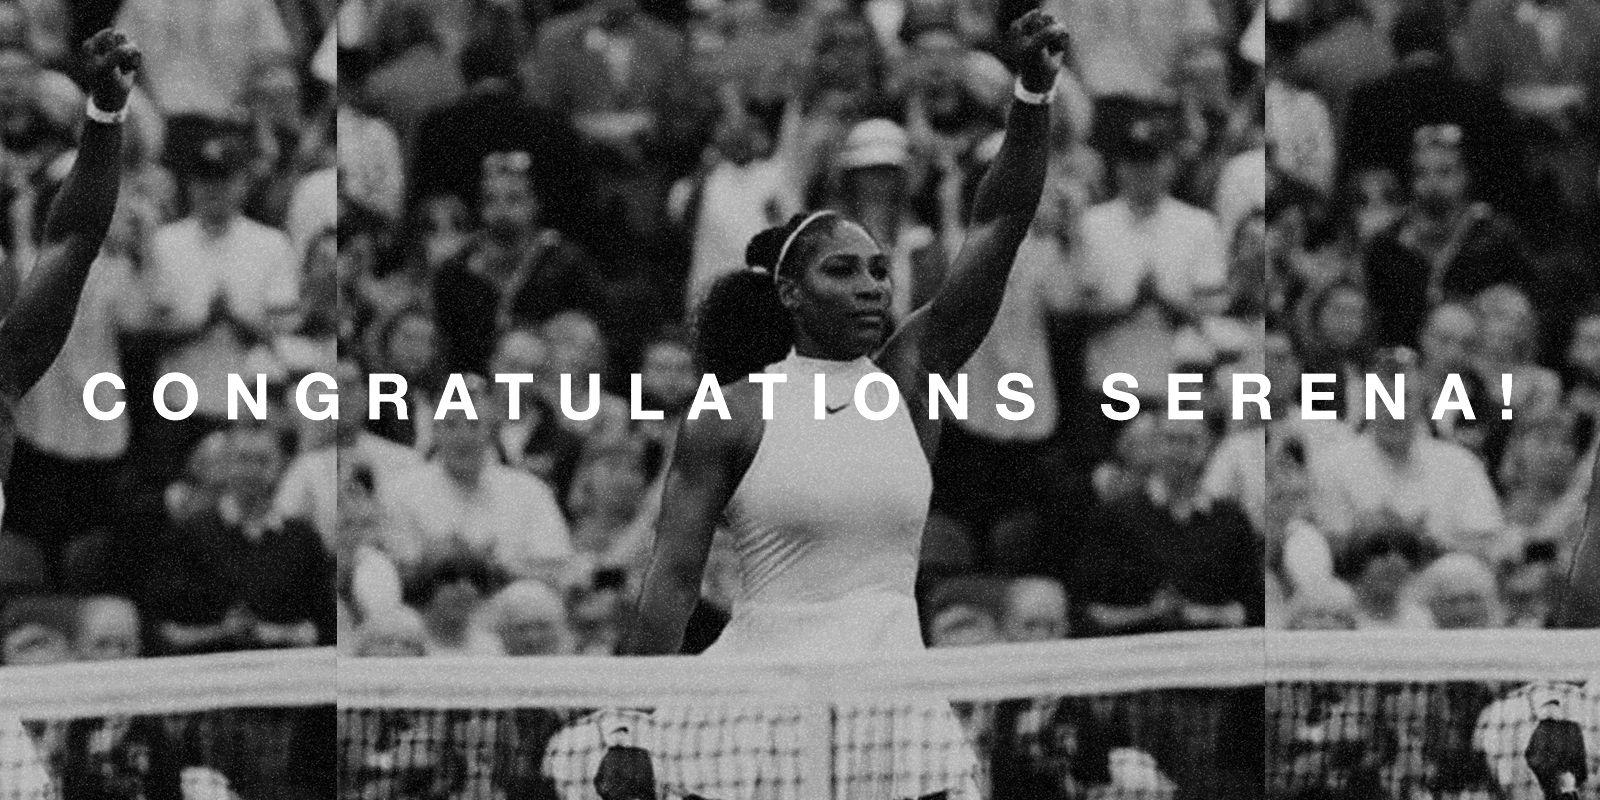 Congrats Serena!